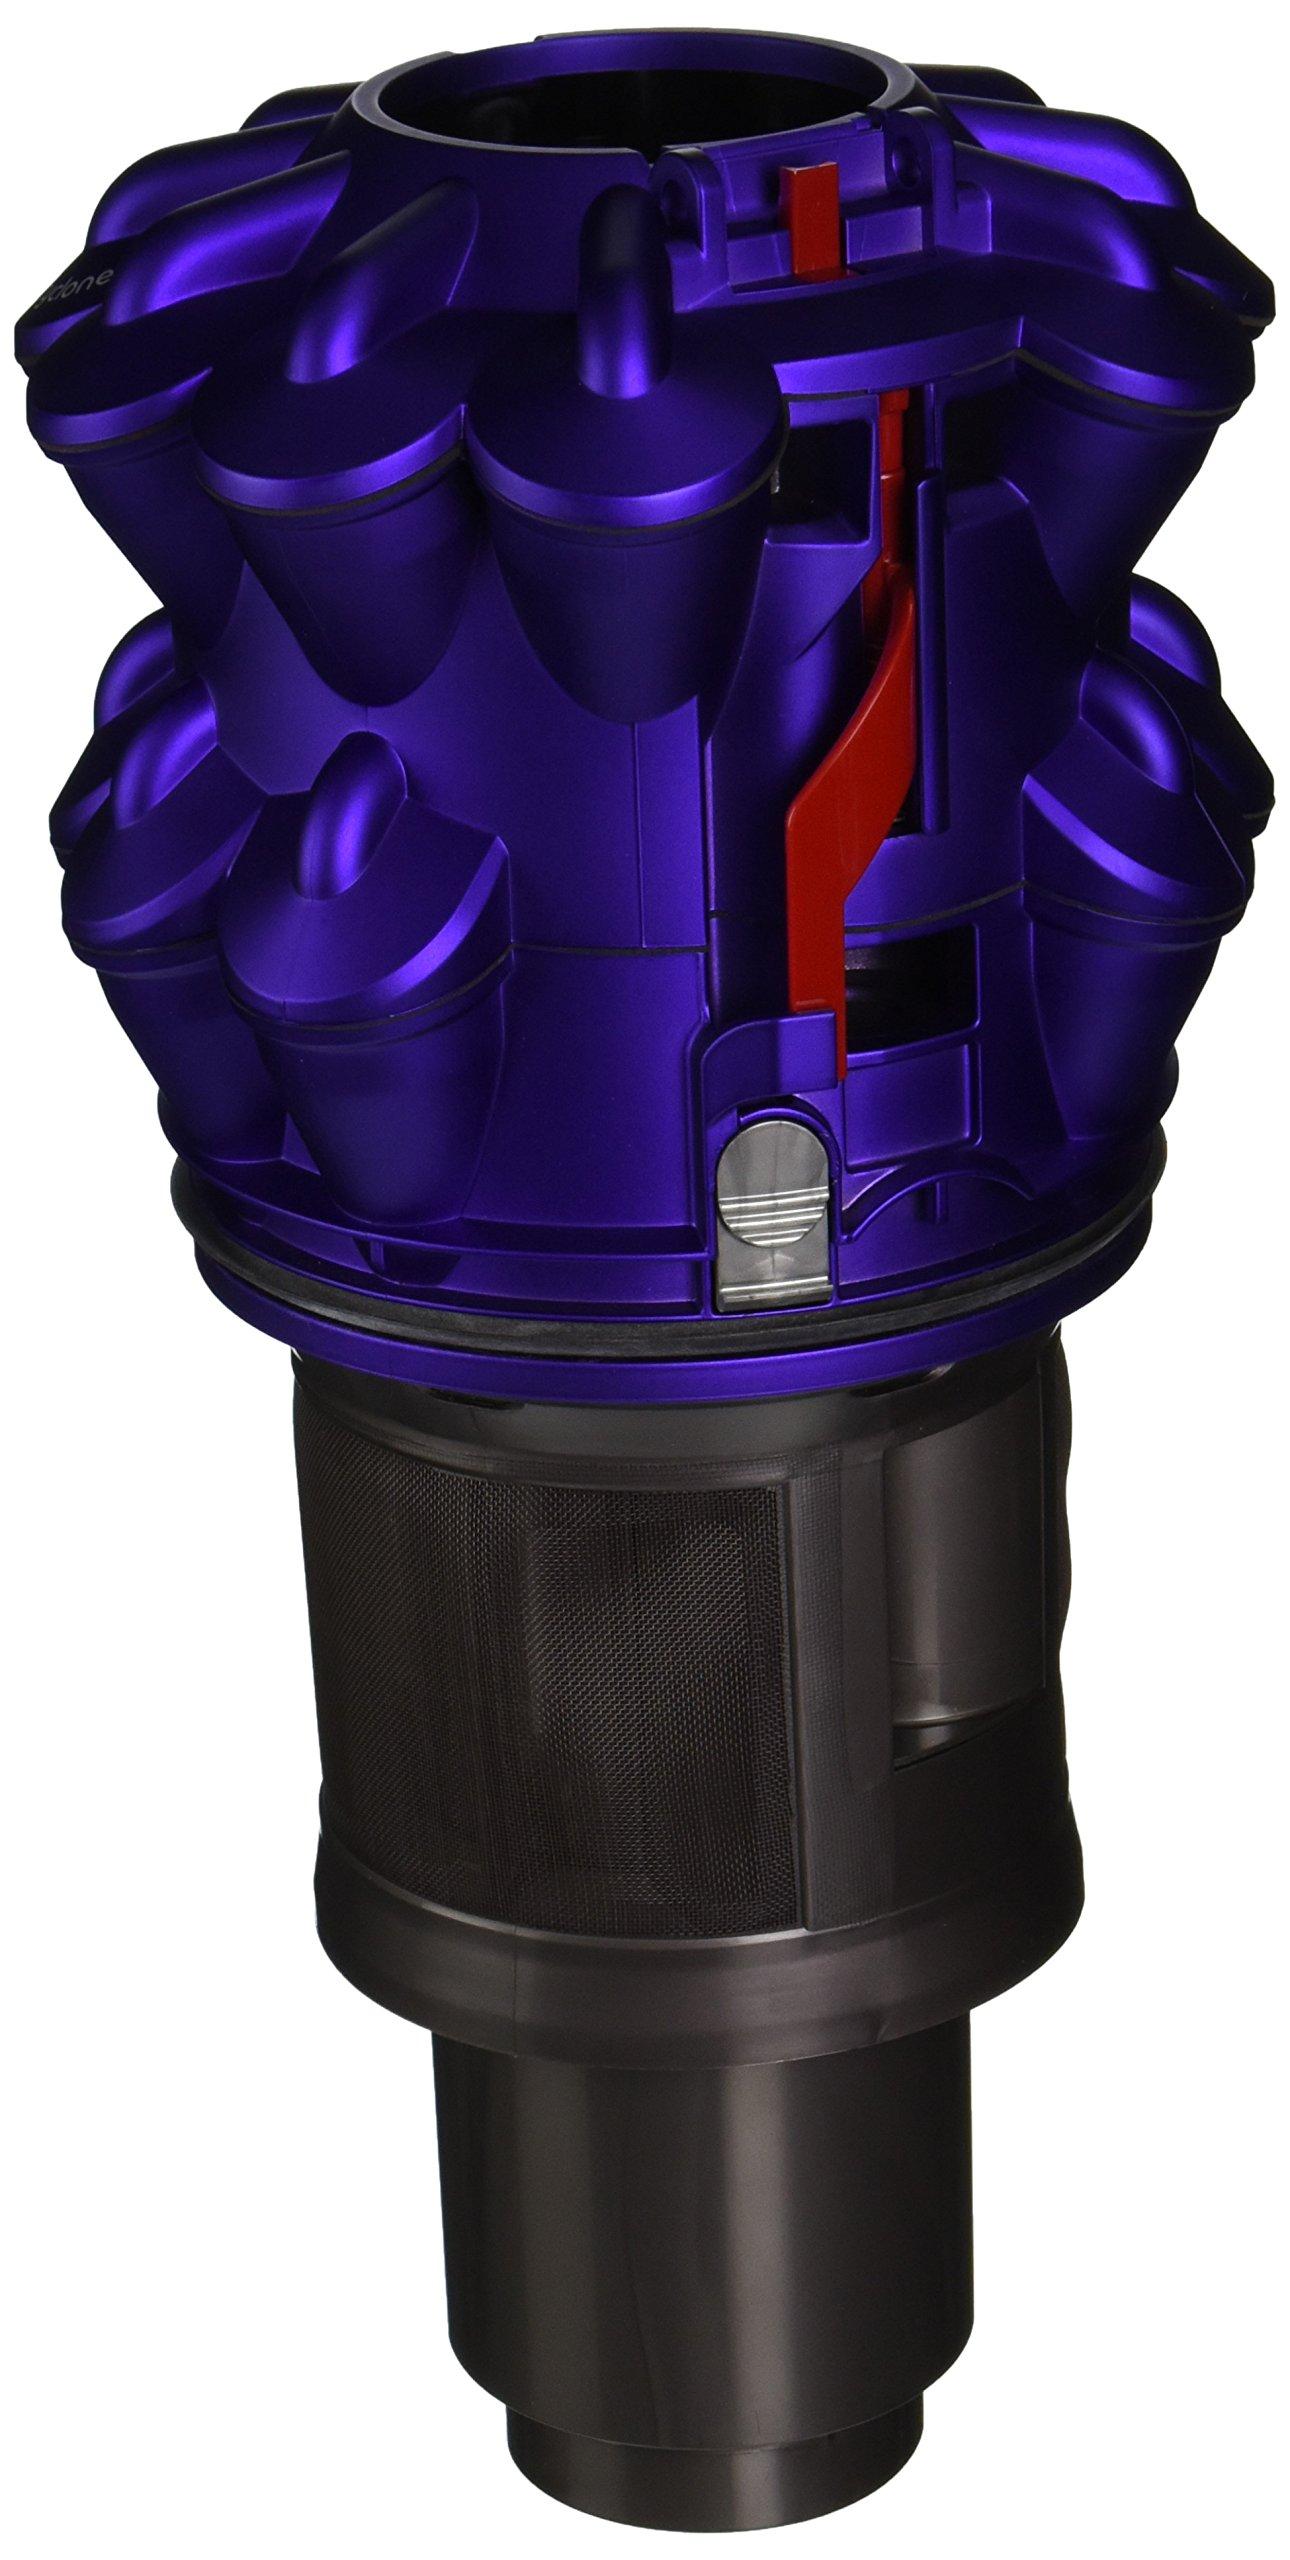 Dyson 965073-02 Cyclone, Assy Iron/Satin Rich Royal Purple DC50 by Dyson